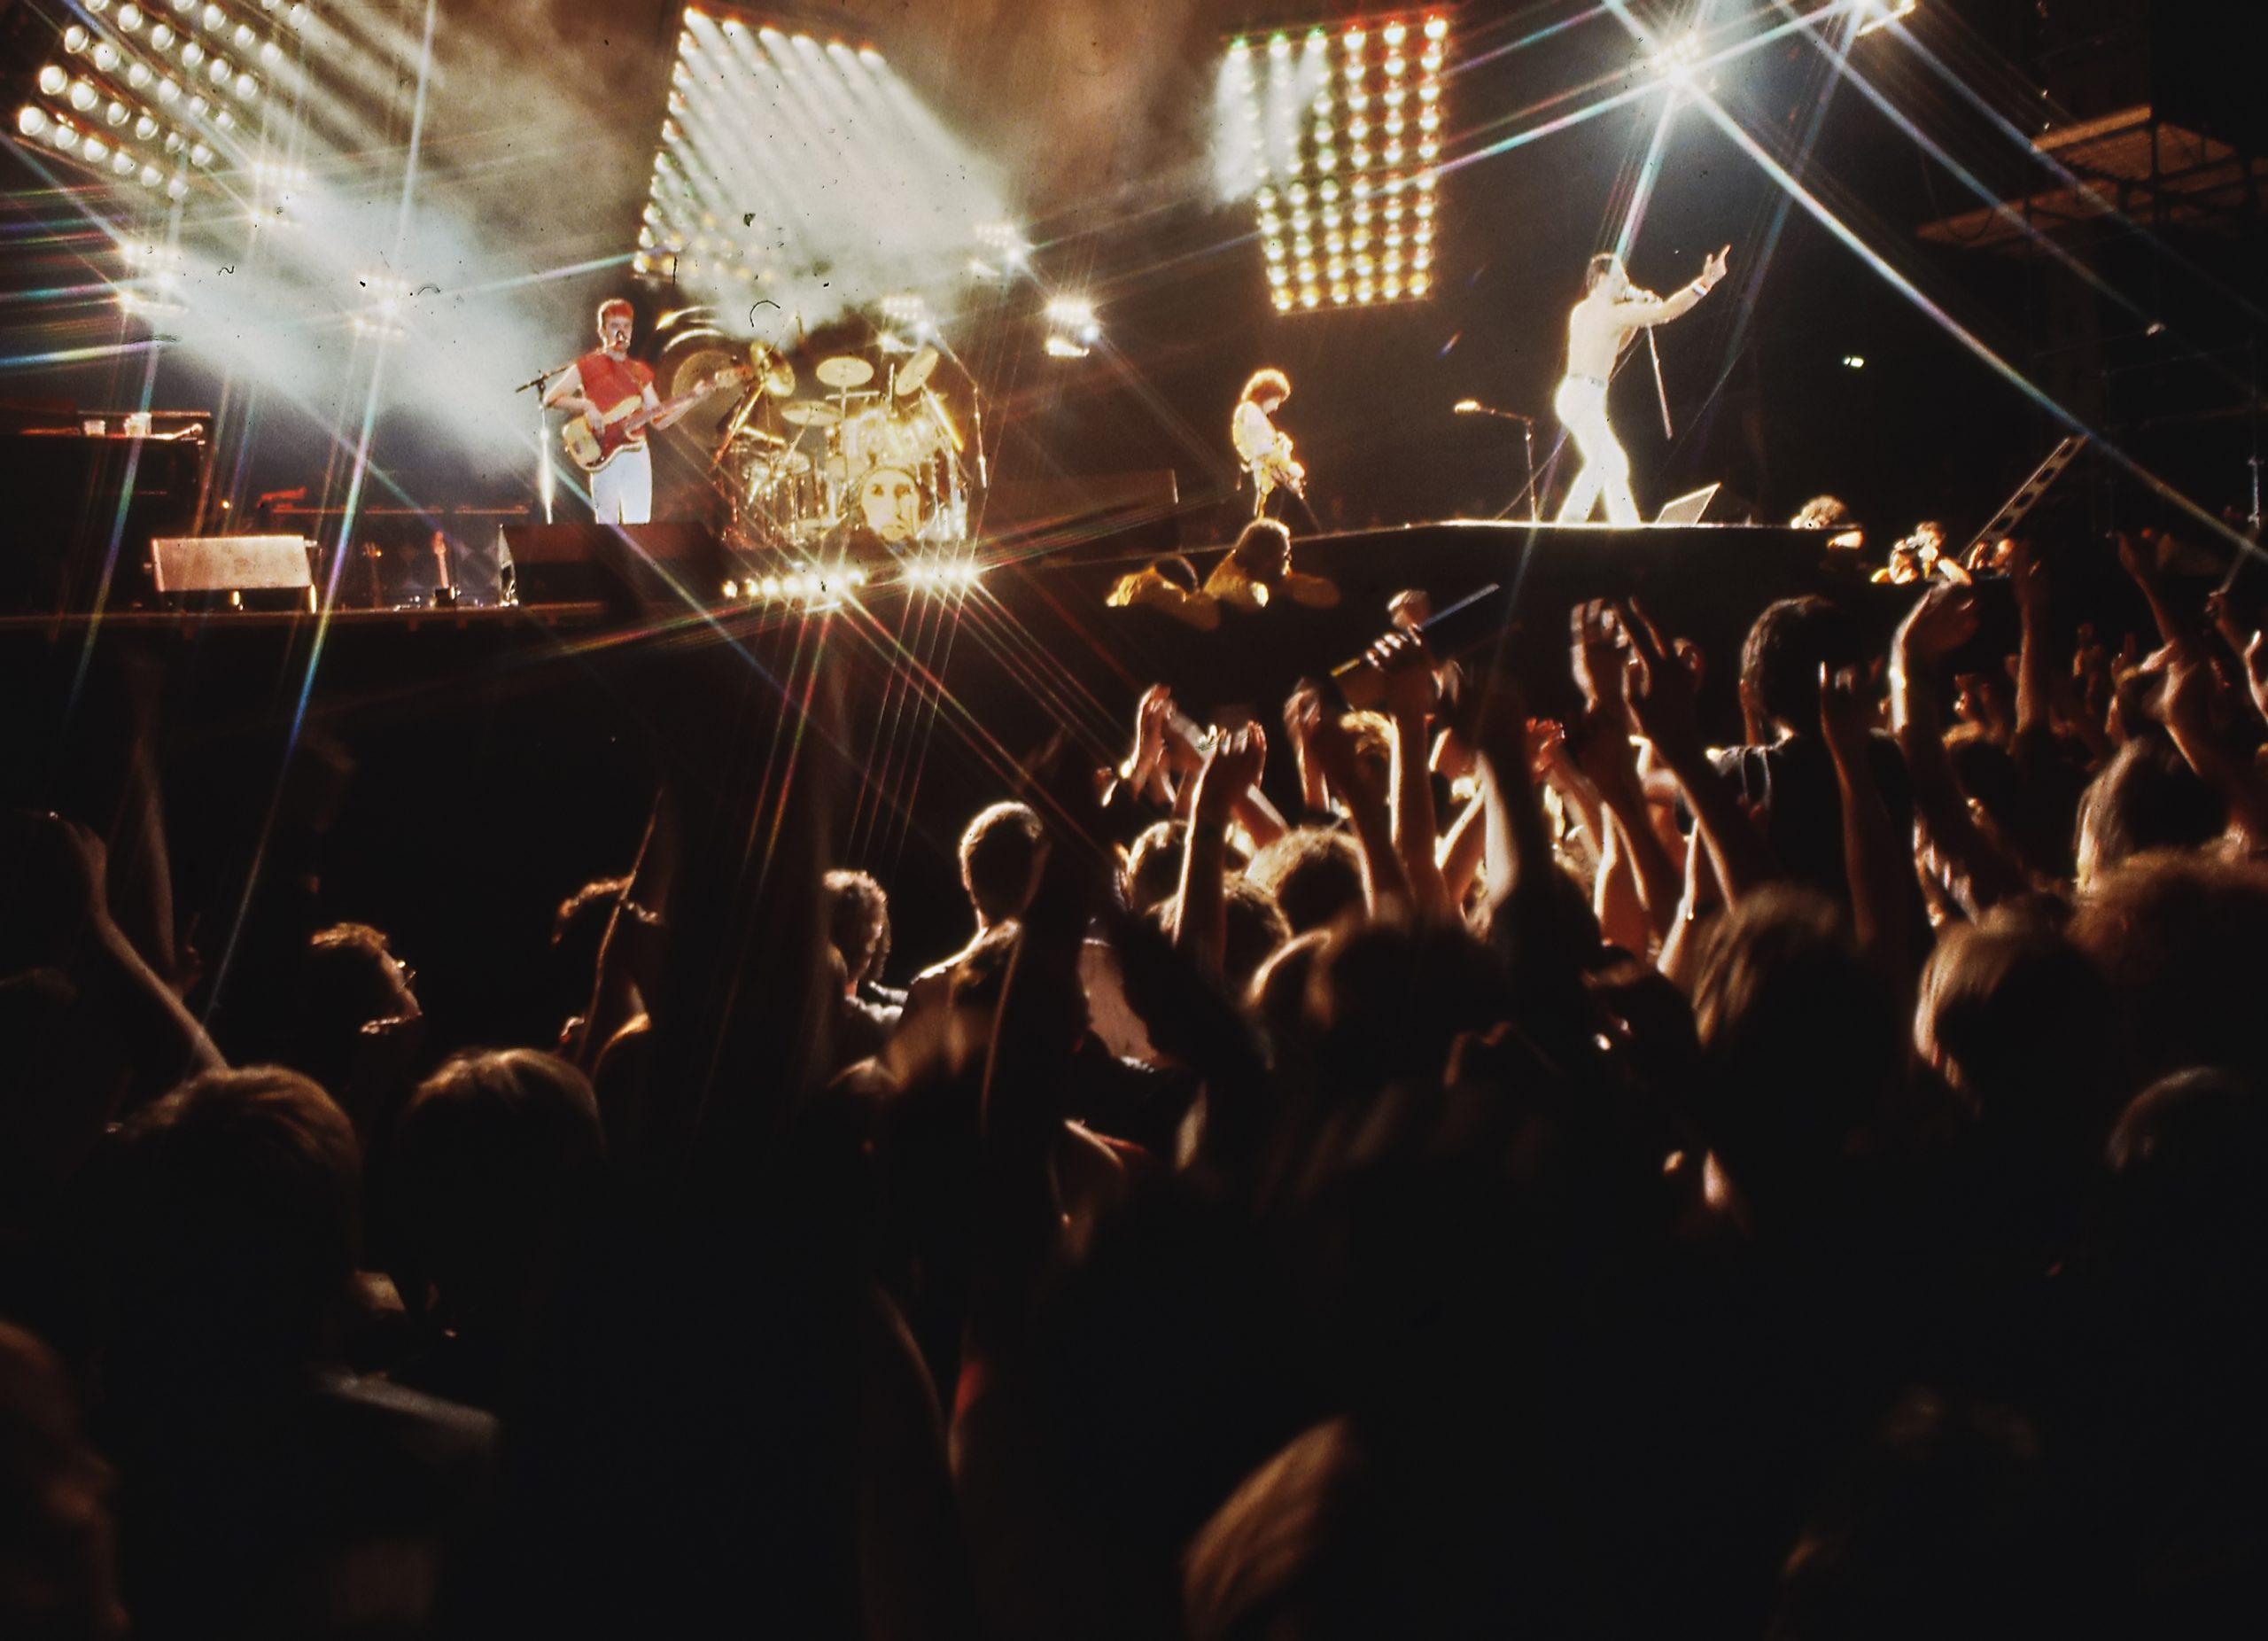 conciertos-de-rock-11